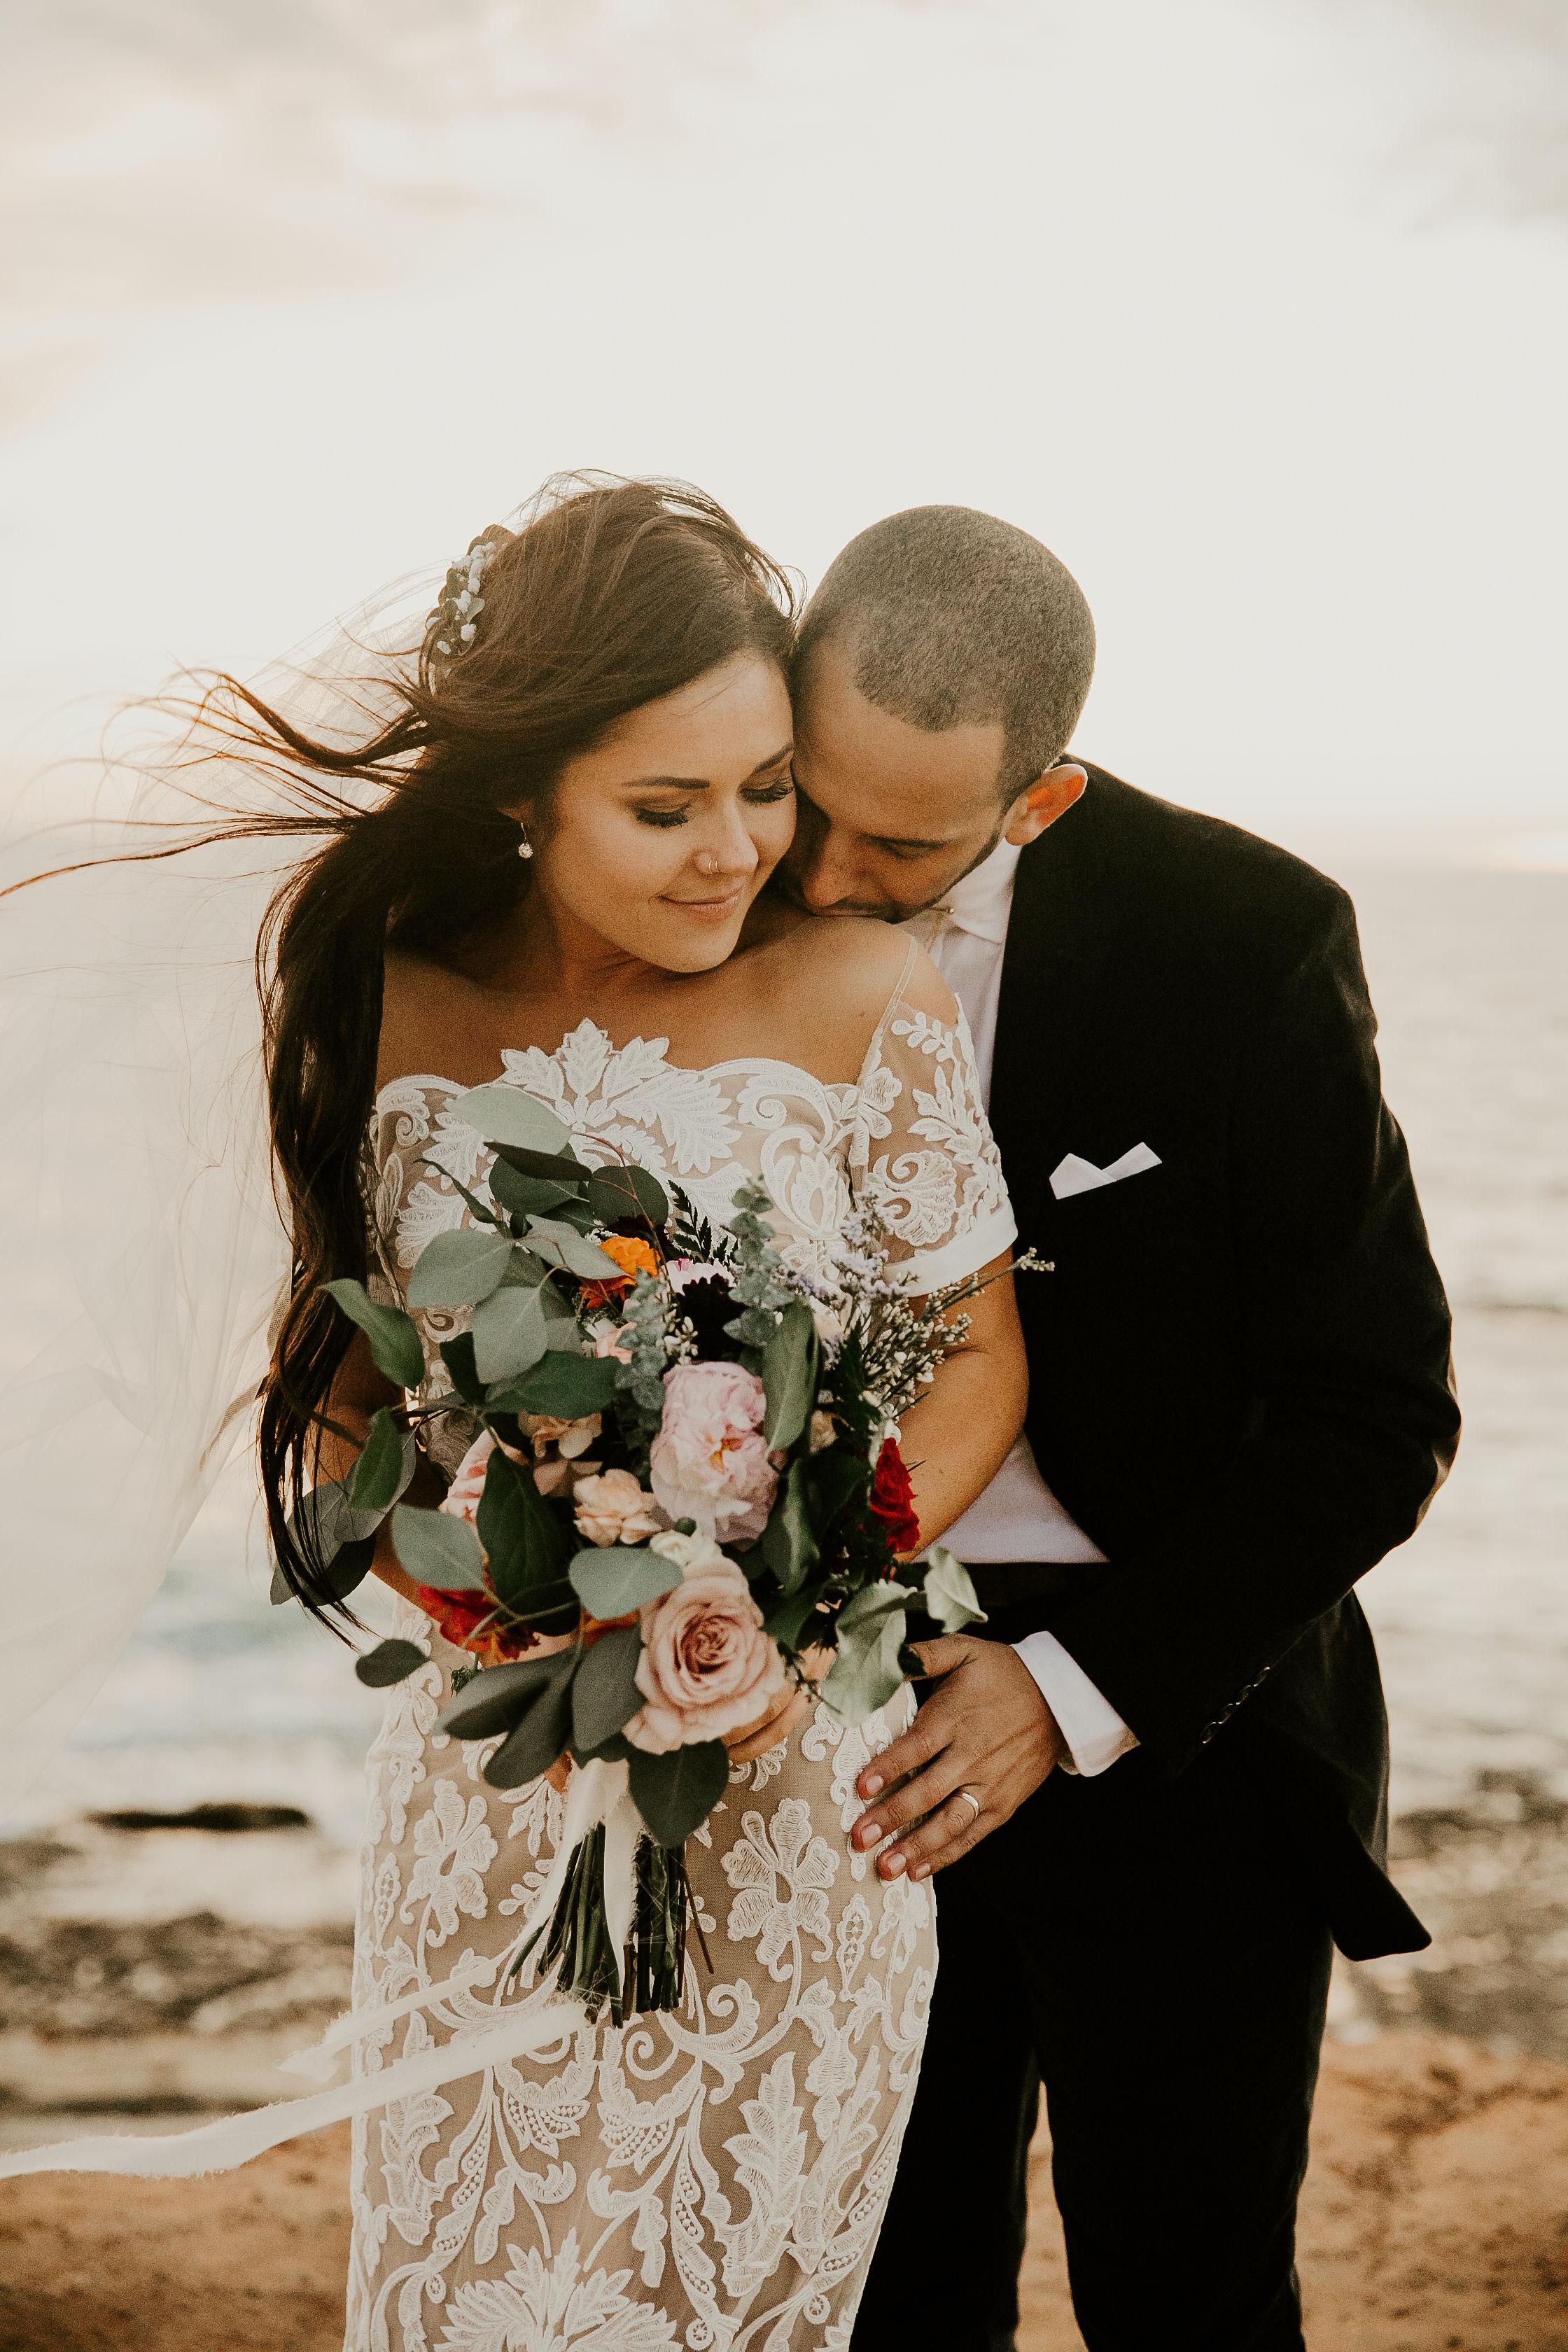 Morgan and Emma - Wedding florist - San Diego wedding floral designer - San Diego wedding - San Diego wedding florist - floral design